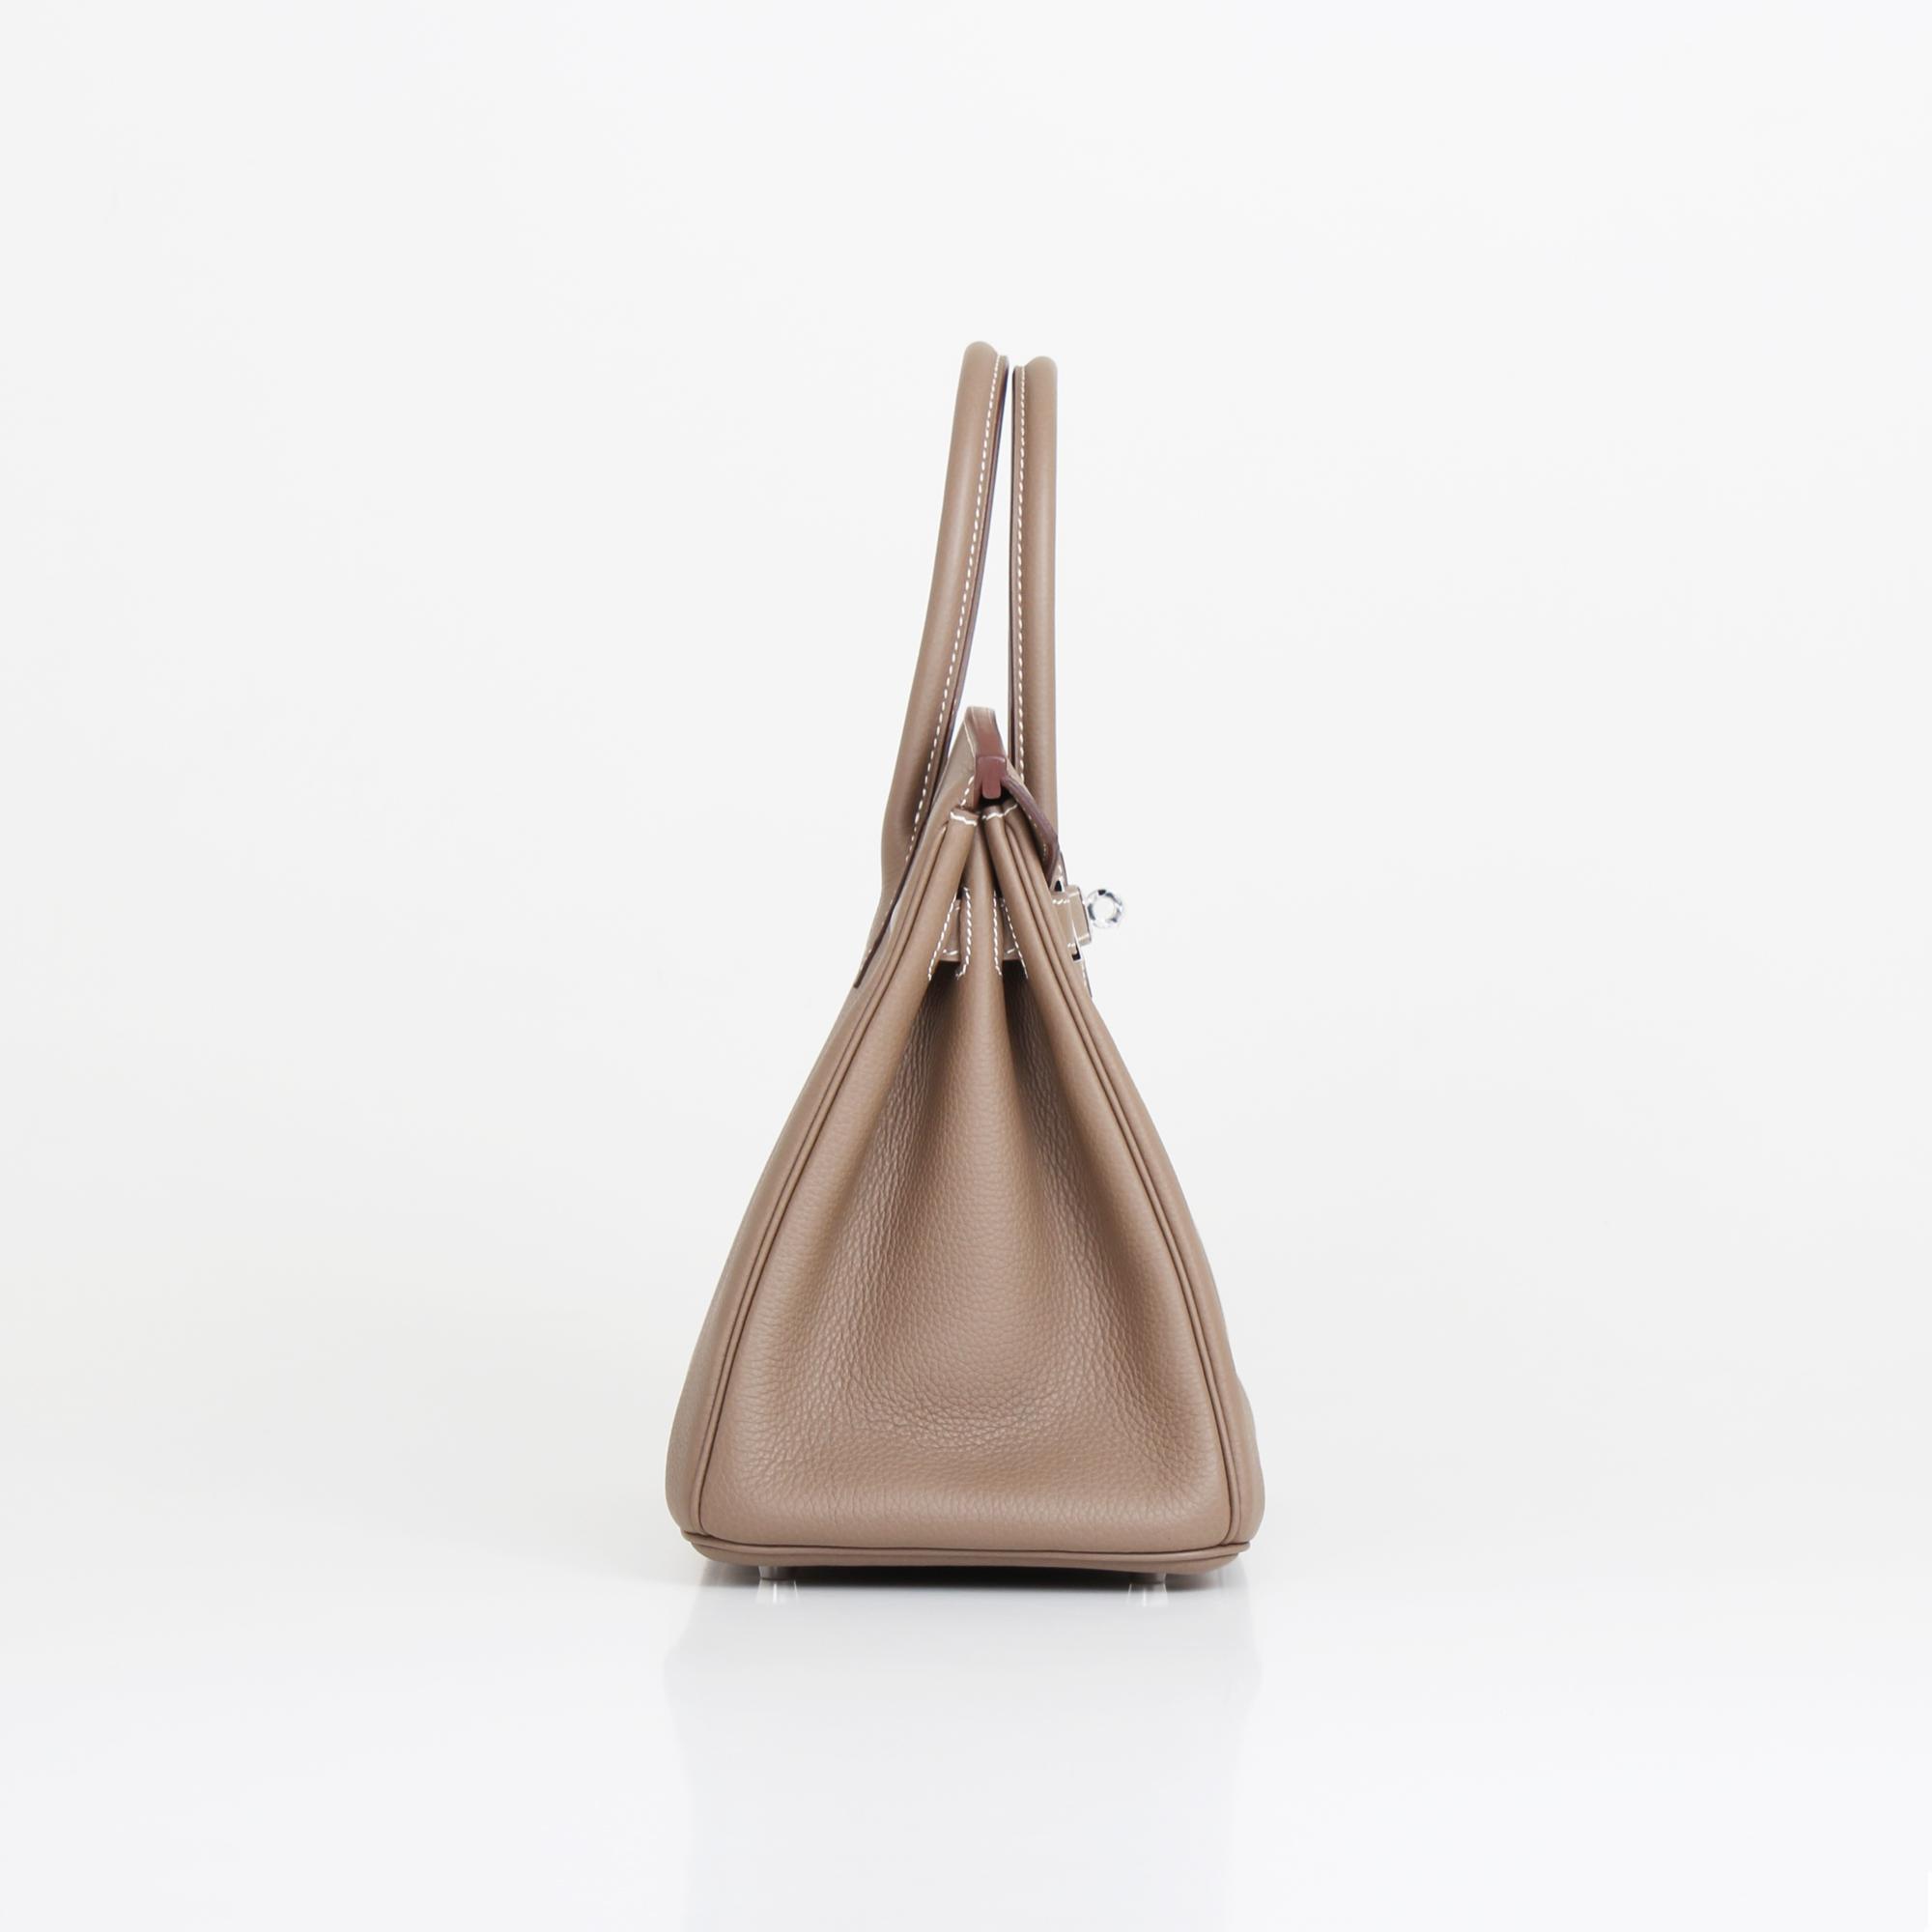 a1fc1ce873d Side image of hermes birkin bag taupe togo